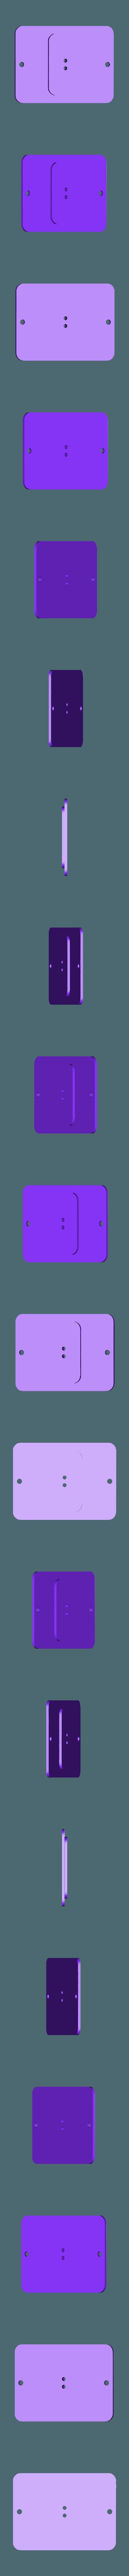 Flasque.STL Download free STL file Ninebot (Segway) flange • Design to 3D print, Lolive